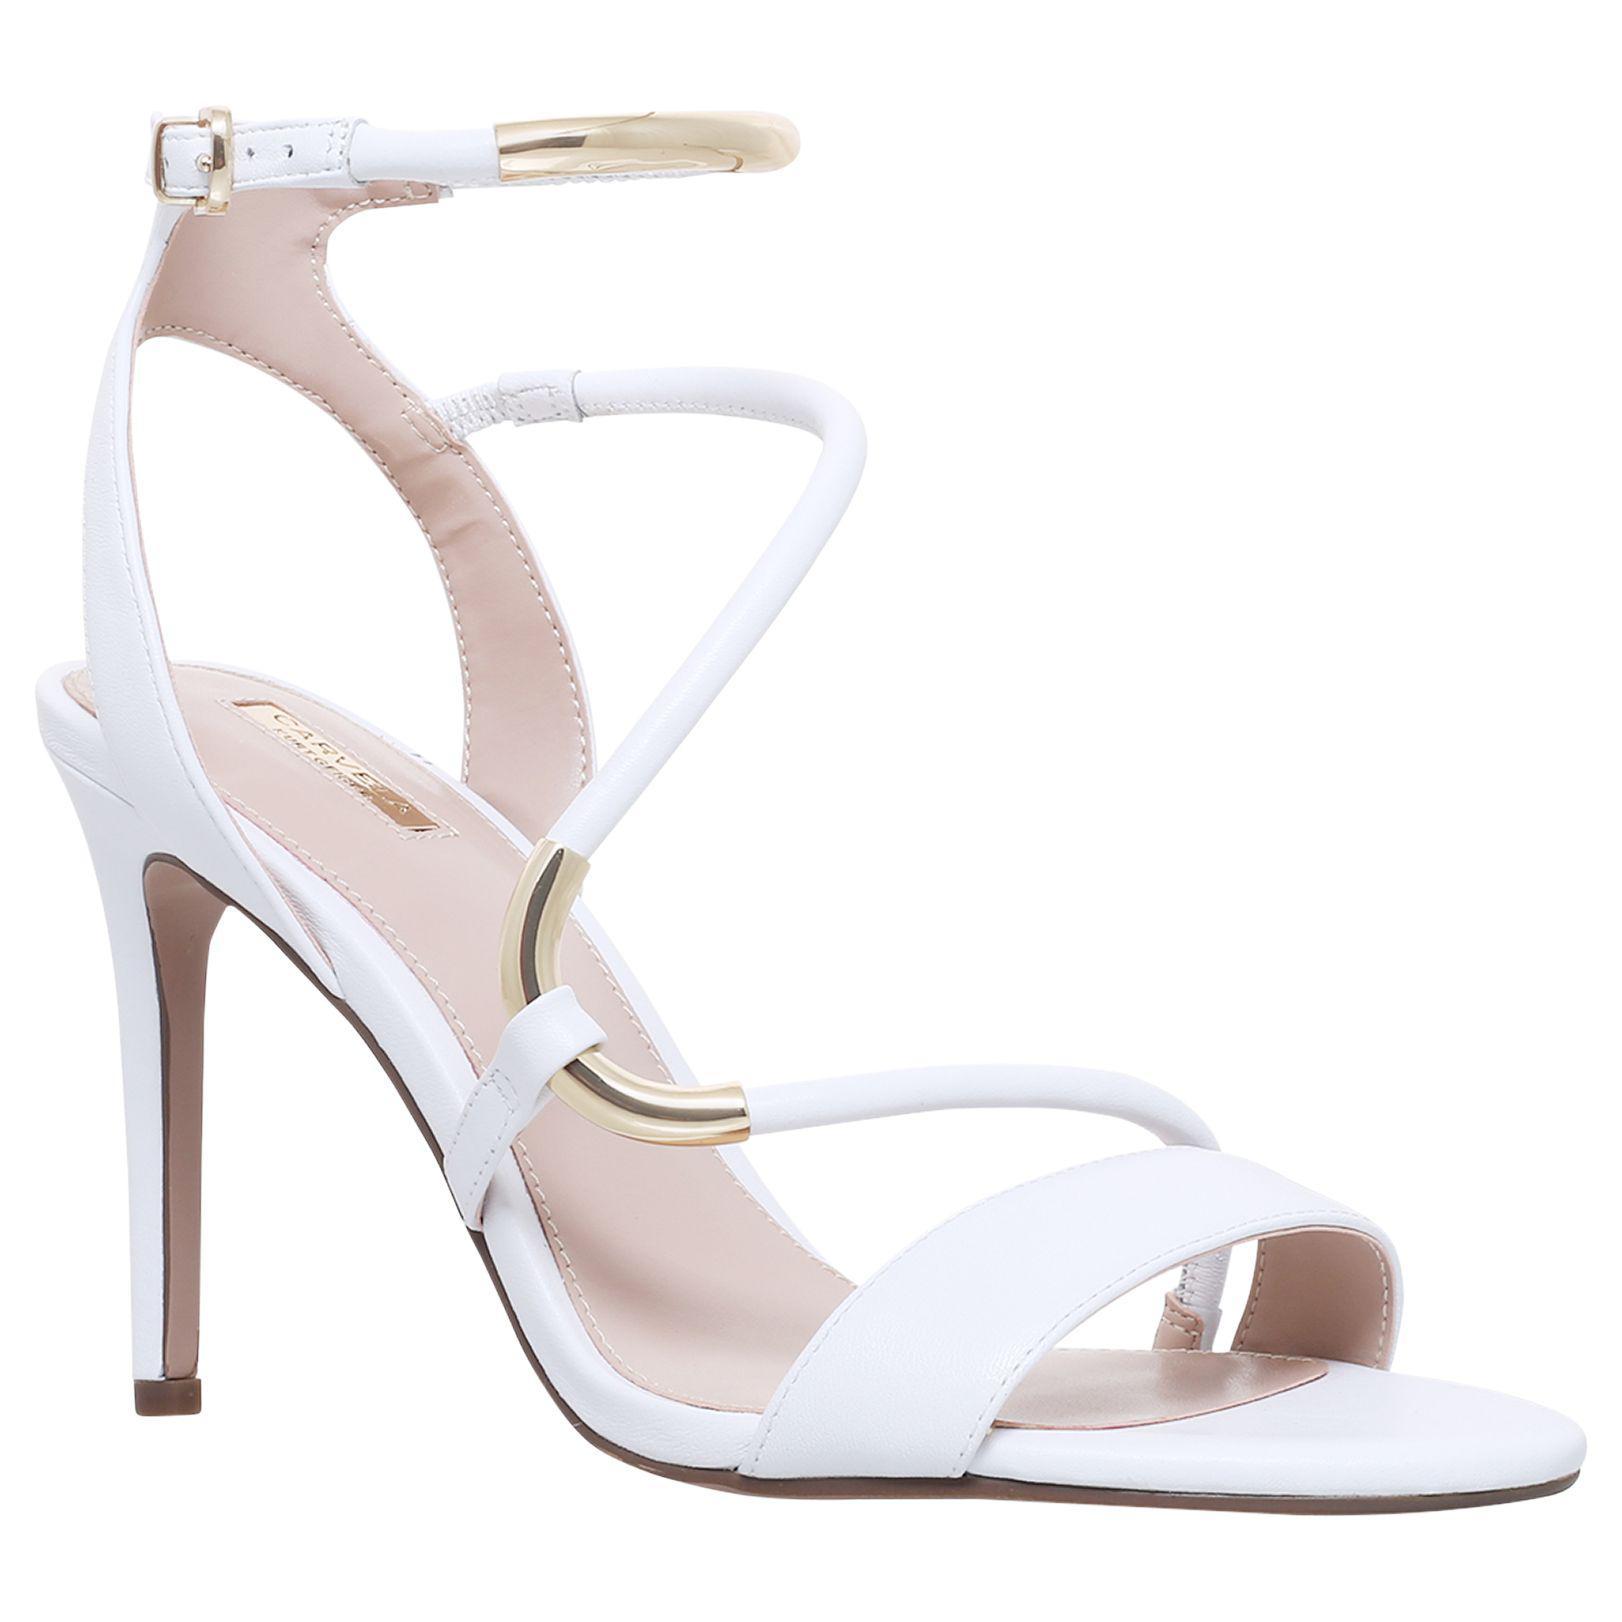 23dc776ea19 Carvela Kurt Geiger Gorge Stiletto Heel Sandals in White - Lyst